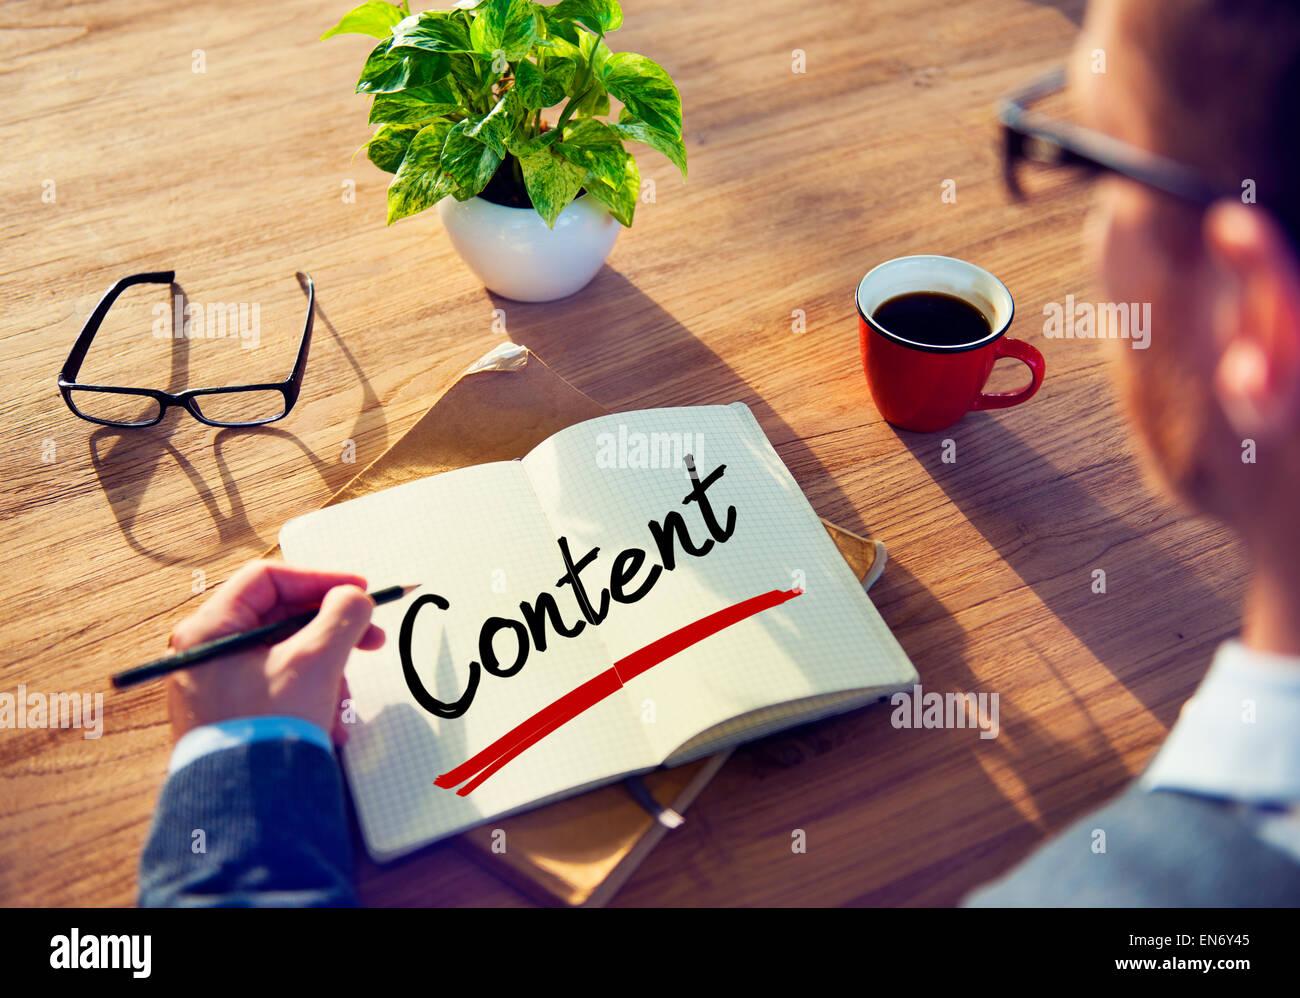 Empresario con Nota sobre conceptos de contenido Imagen De Stock